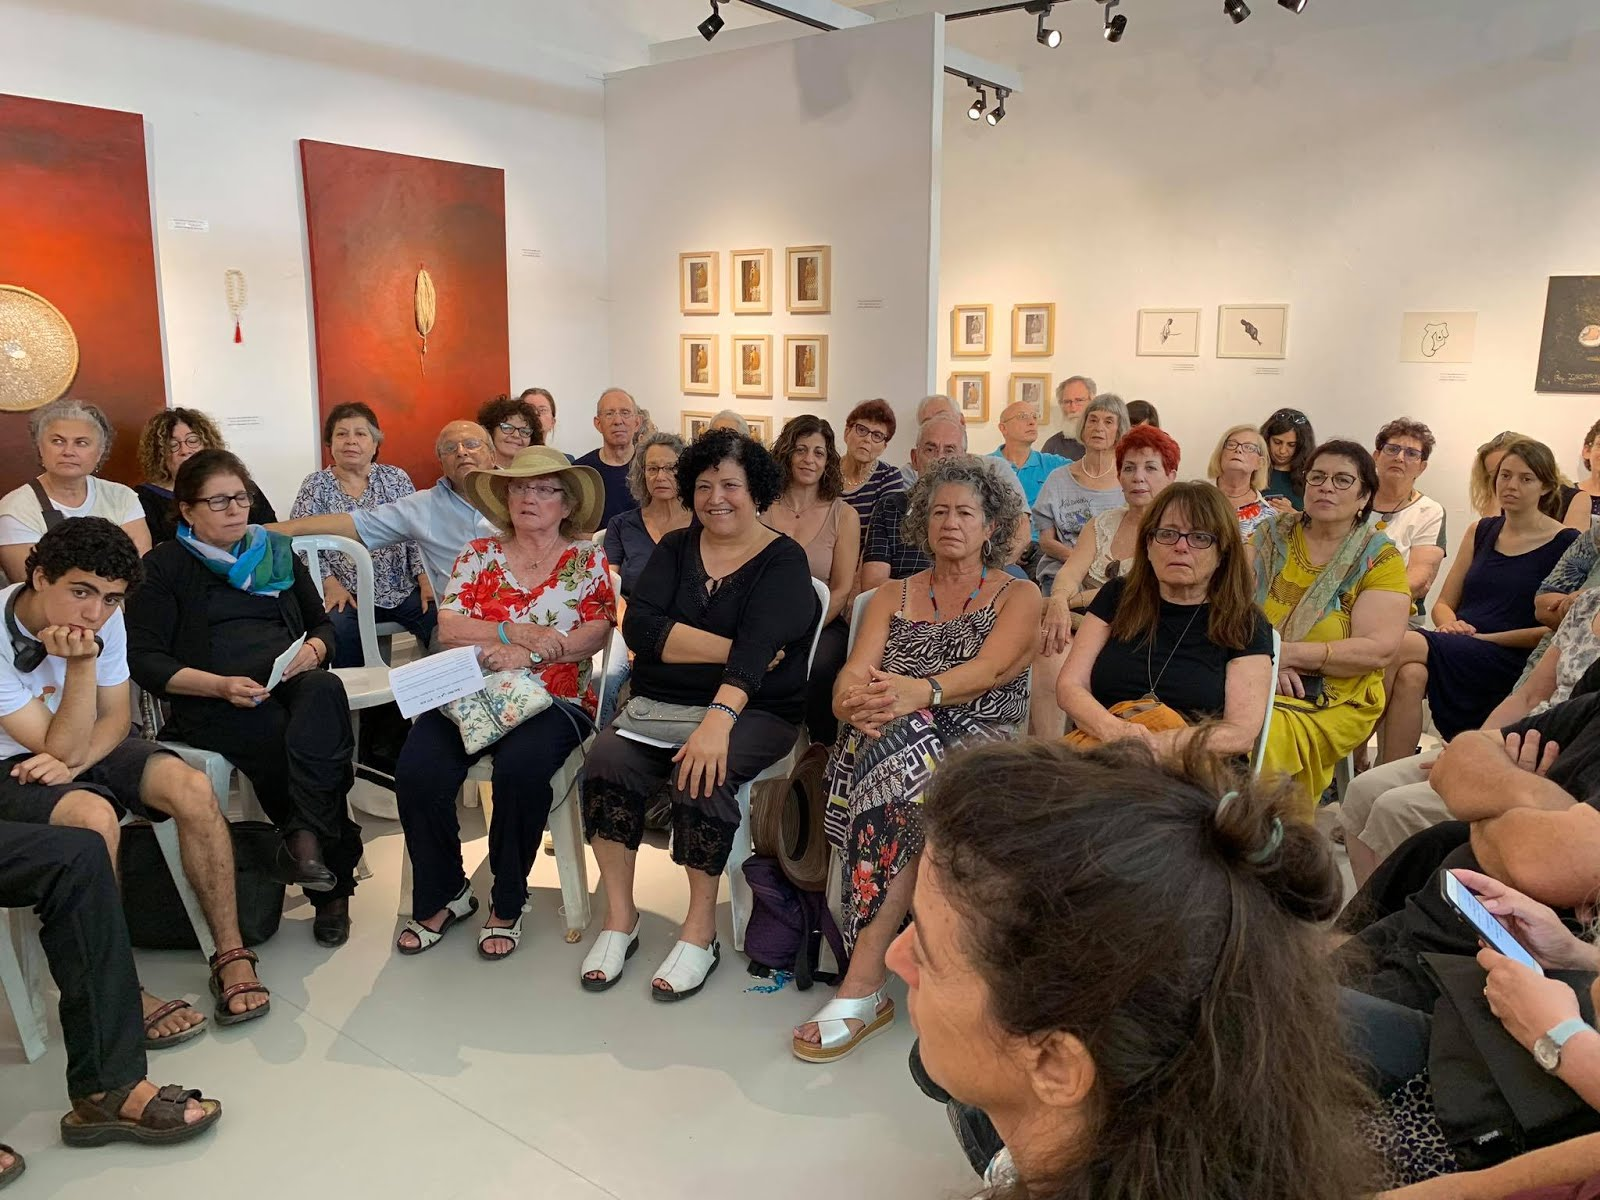 הדרכות וסיורים בגלריה למבוגרים